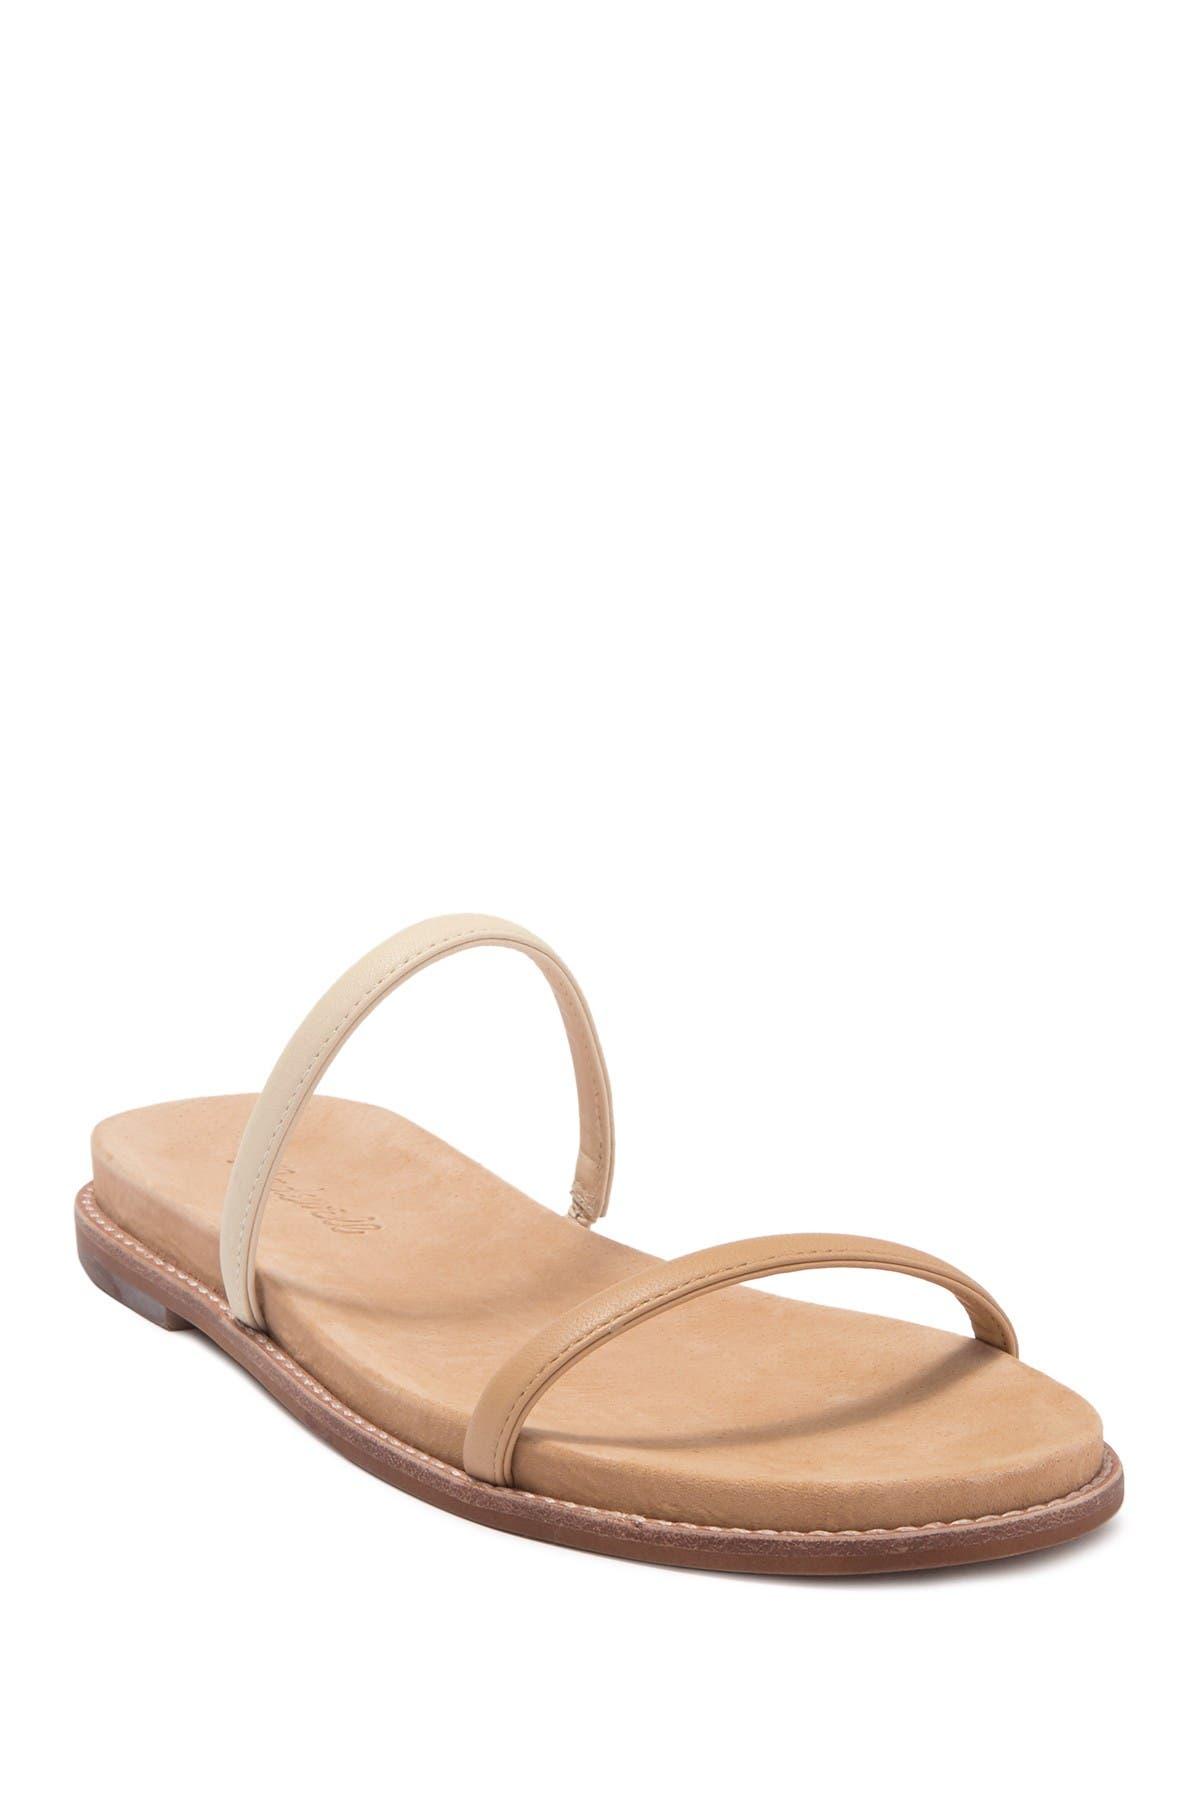 Image of Madewell Paris Sandal